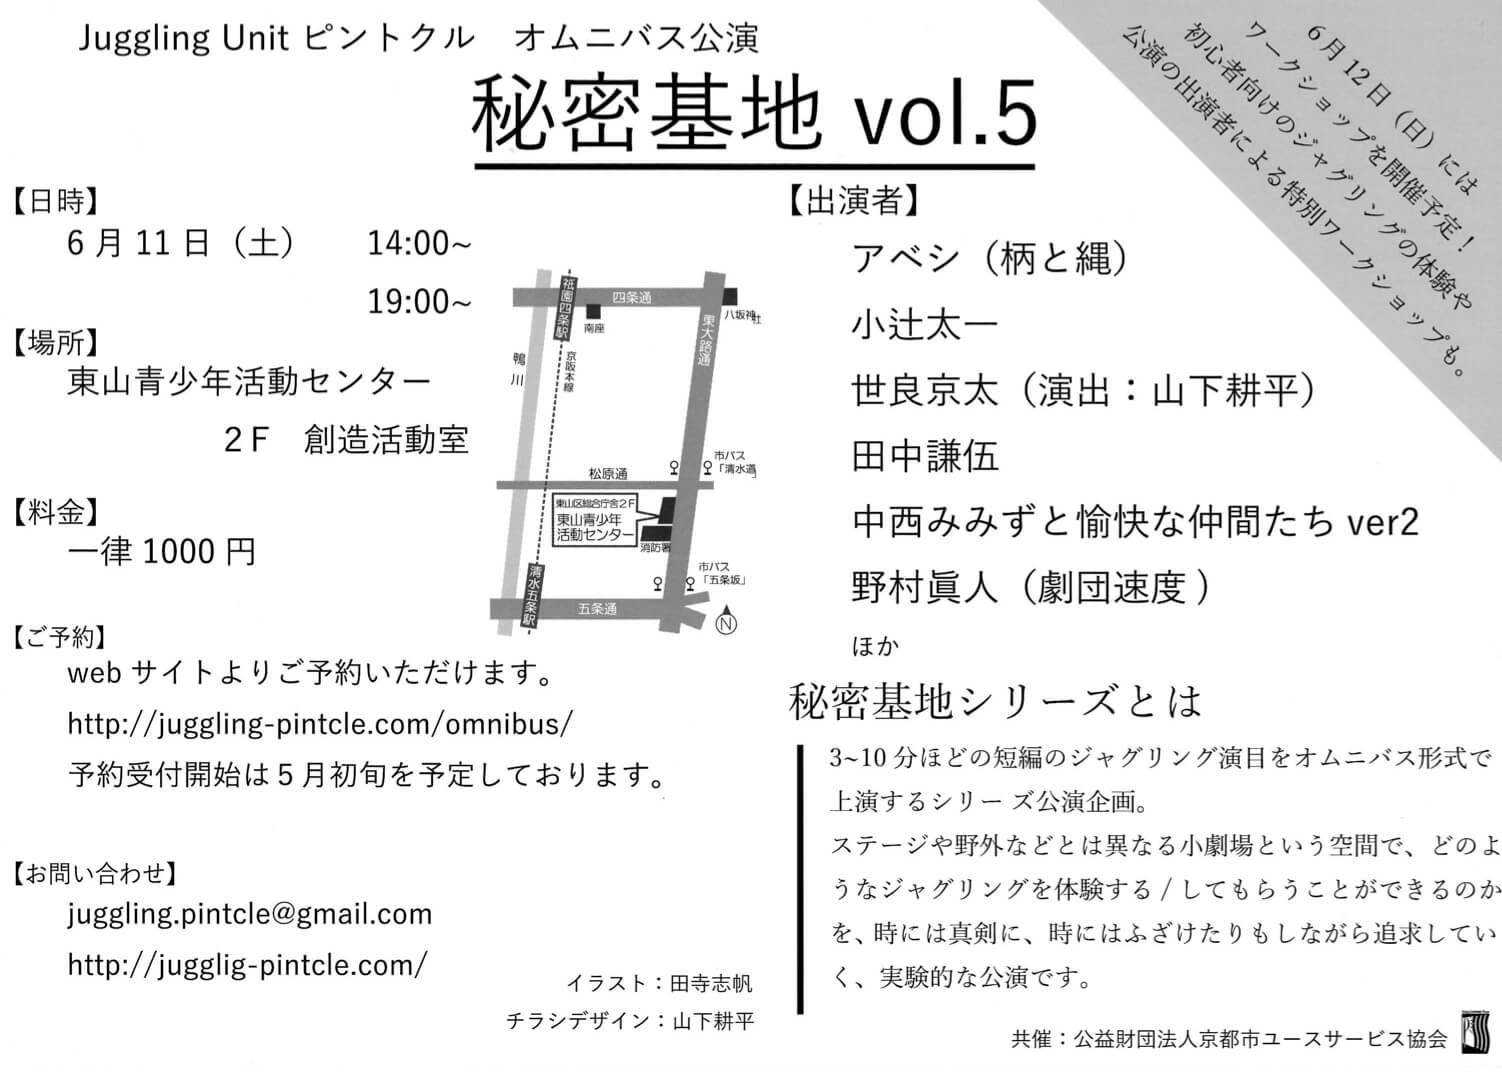 秘密基地 Vol.5_2